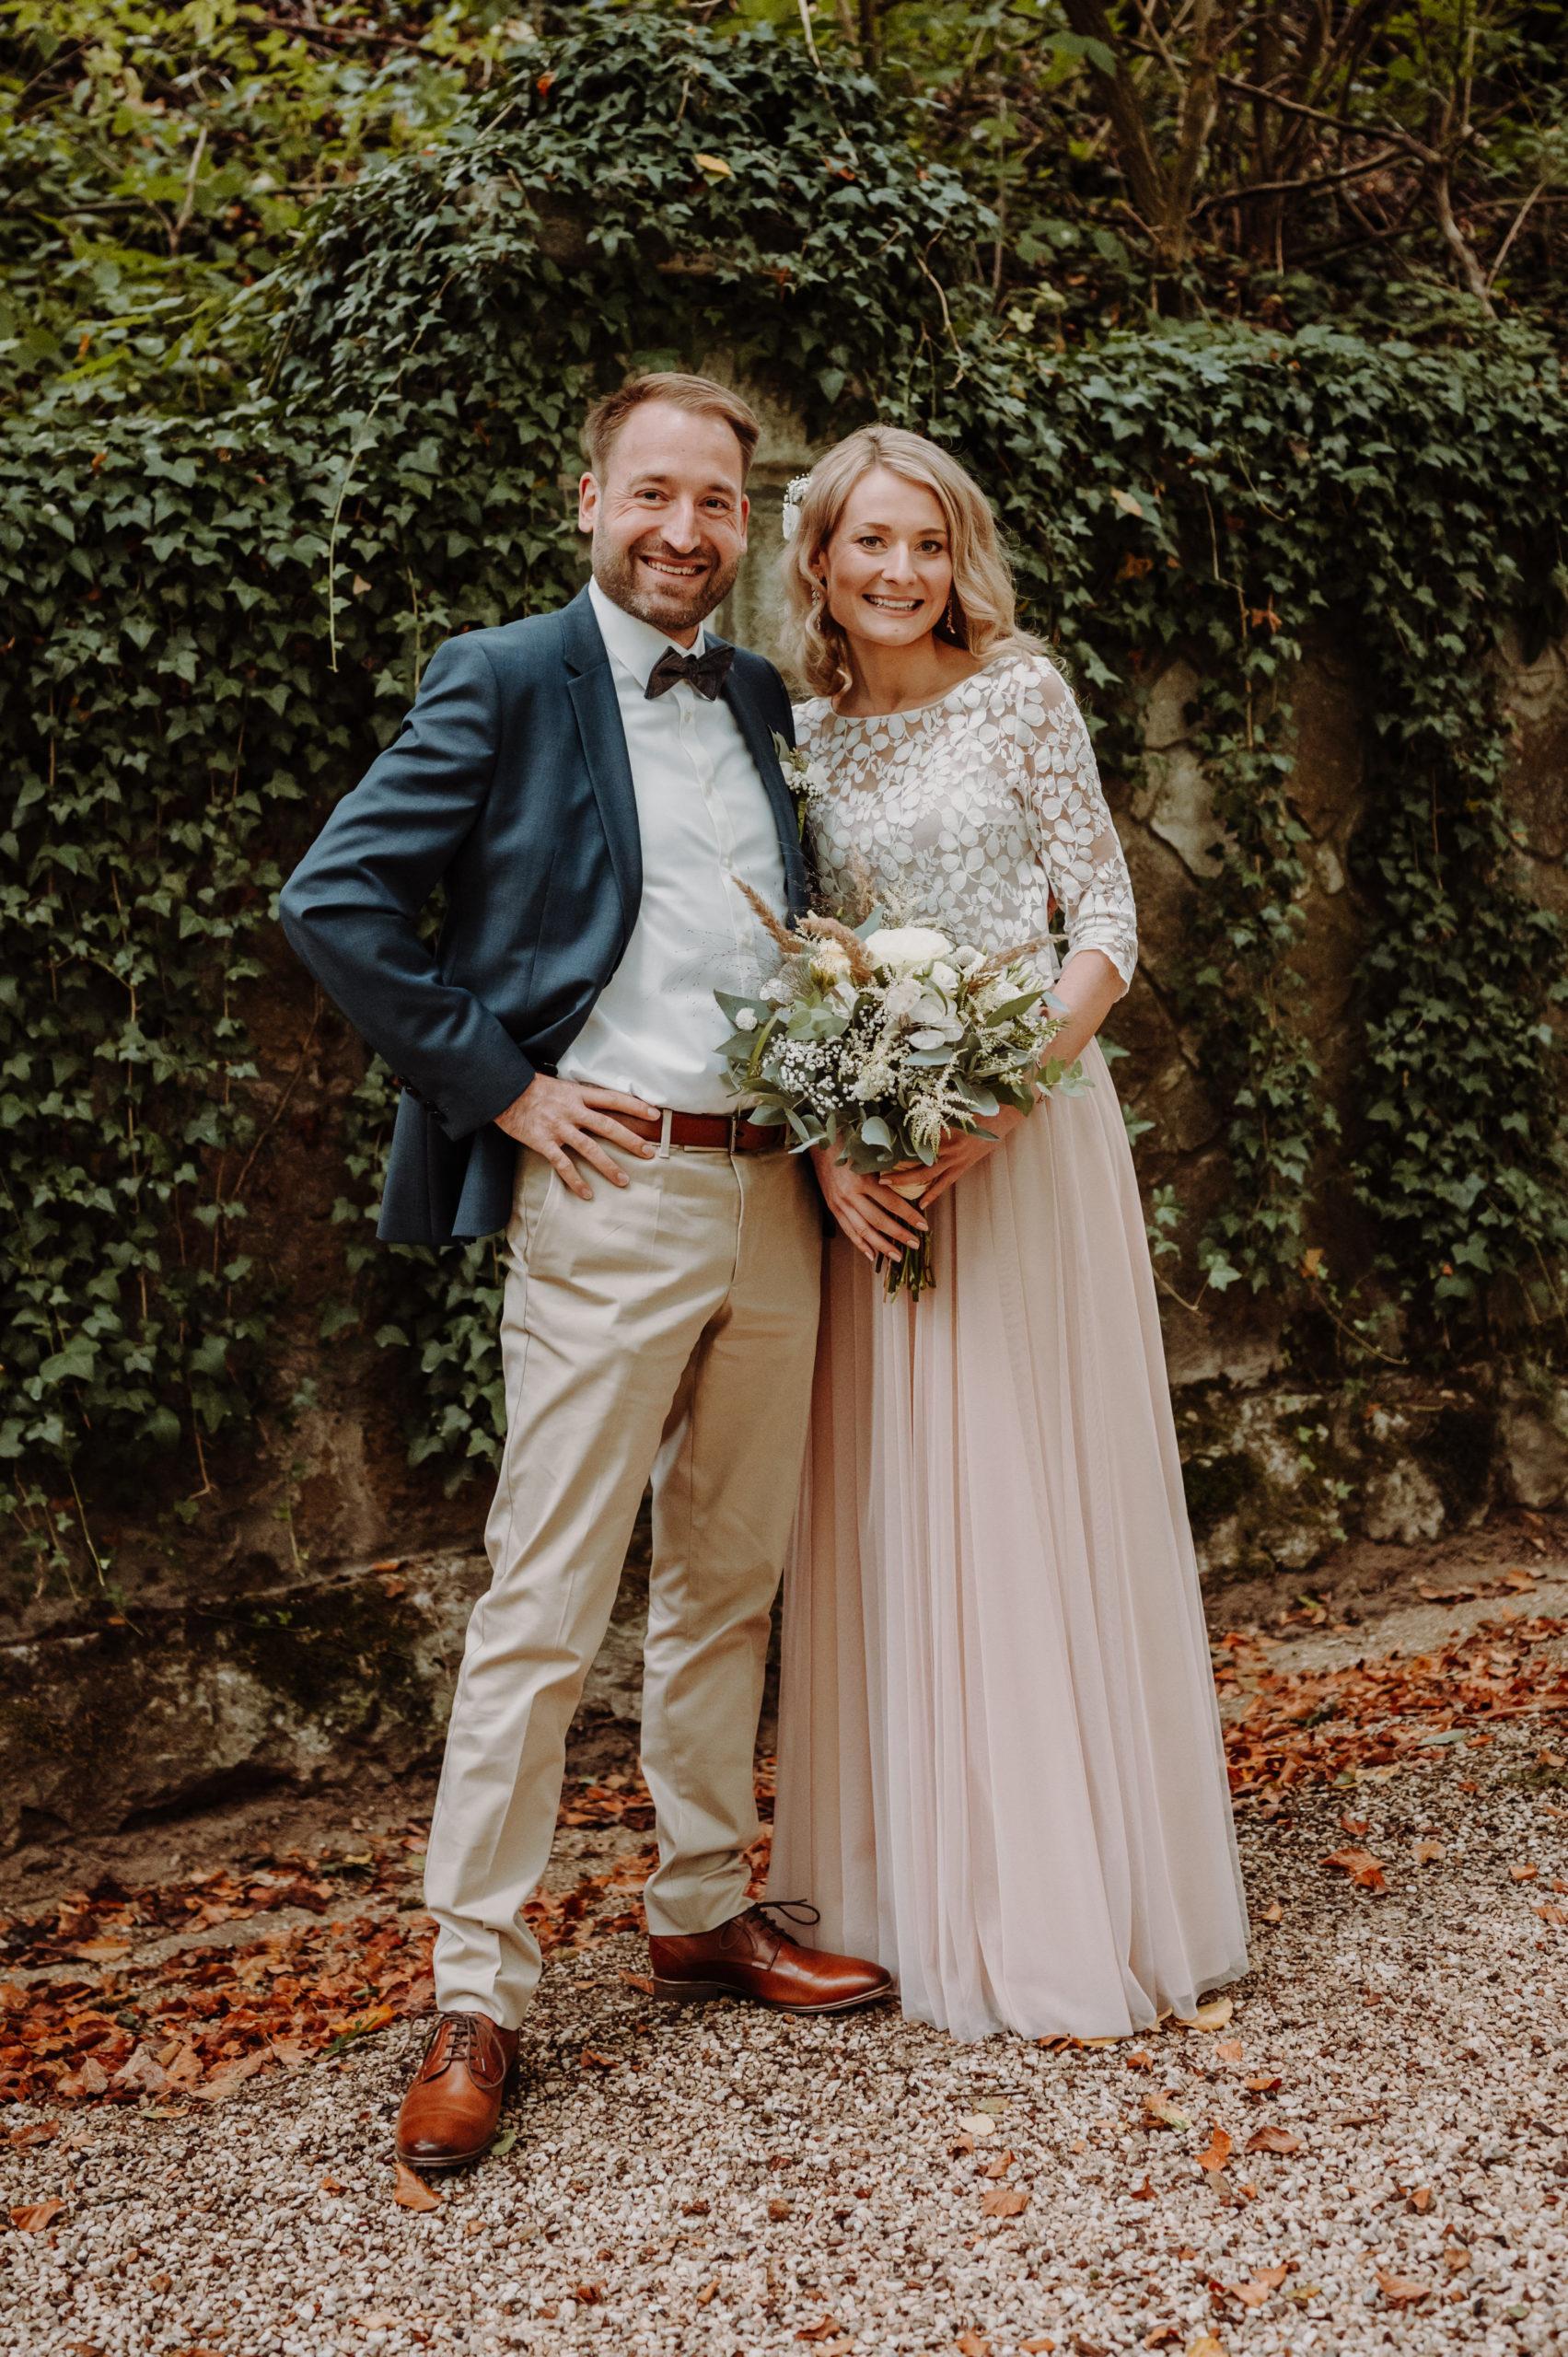 Brautpaar vor mit Wein bewachsener Mauer im Herbst. Braut mit Zweiteiligem Brautkleid aus Tüllrock in Blush und Spitzentop, sie trägt ihren Brautstrauß. Bräutigam mit beiger Hose, weißem Hemd und blauem Sakko.